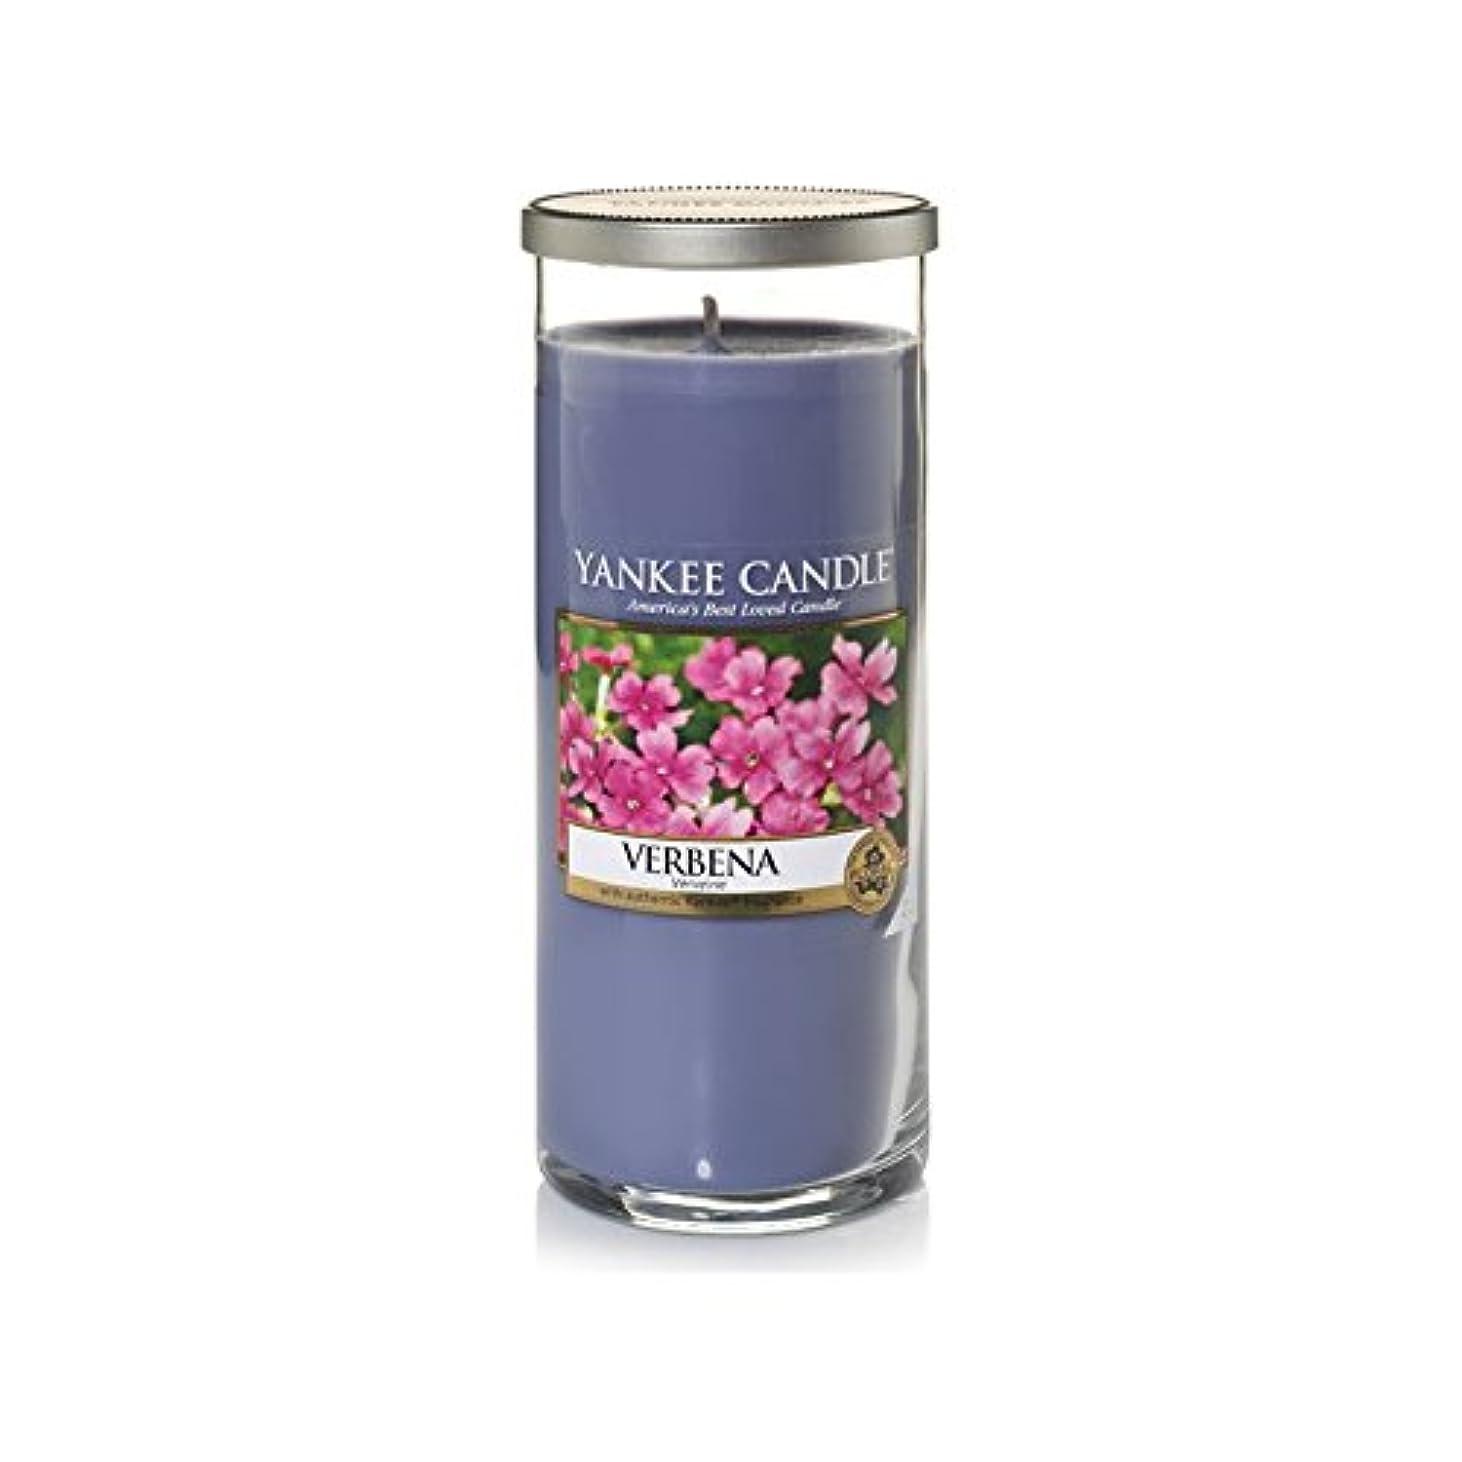 ヘルパー温帯イディオムYankee Candles Large Pillar Candle - Verbena (Pack of 2) - ヤンキーキャンドル大きな柱キャンドル - バーベナ (x2) [並行輸入品]